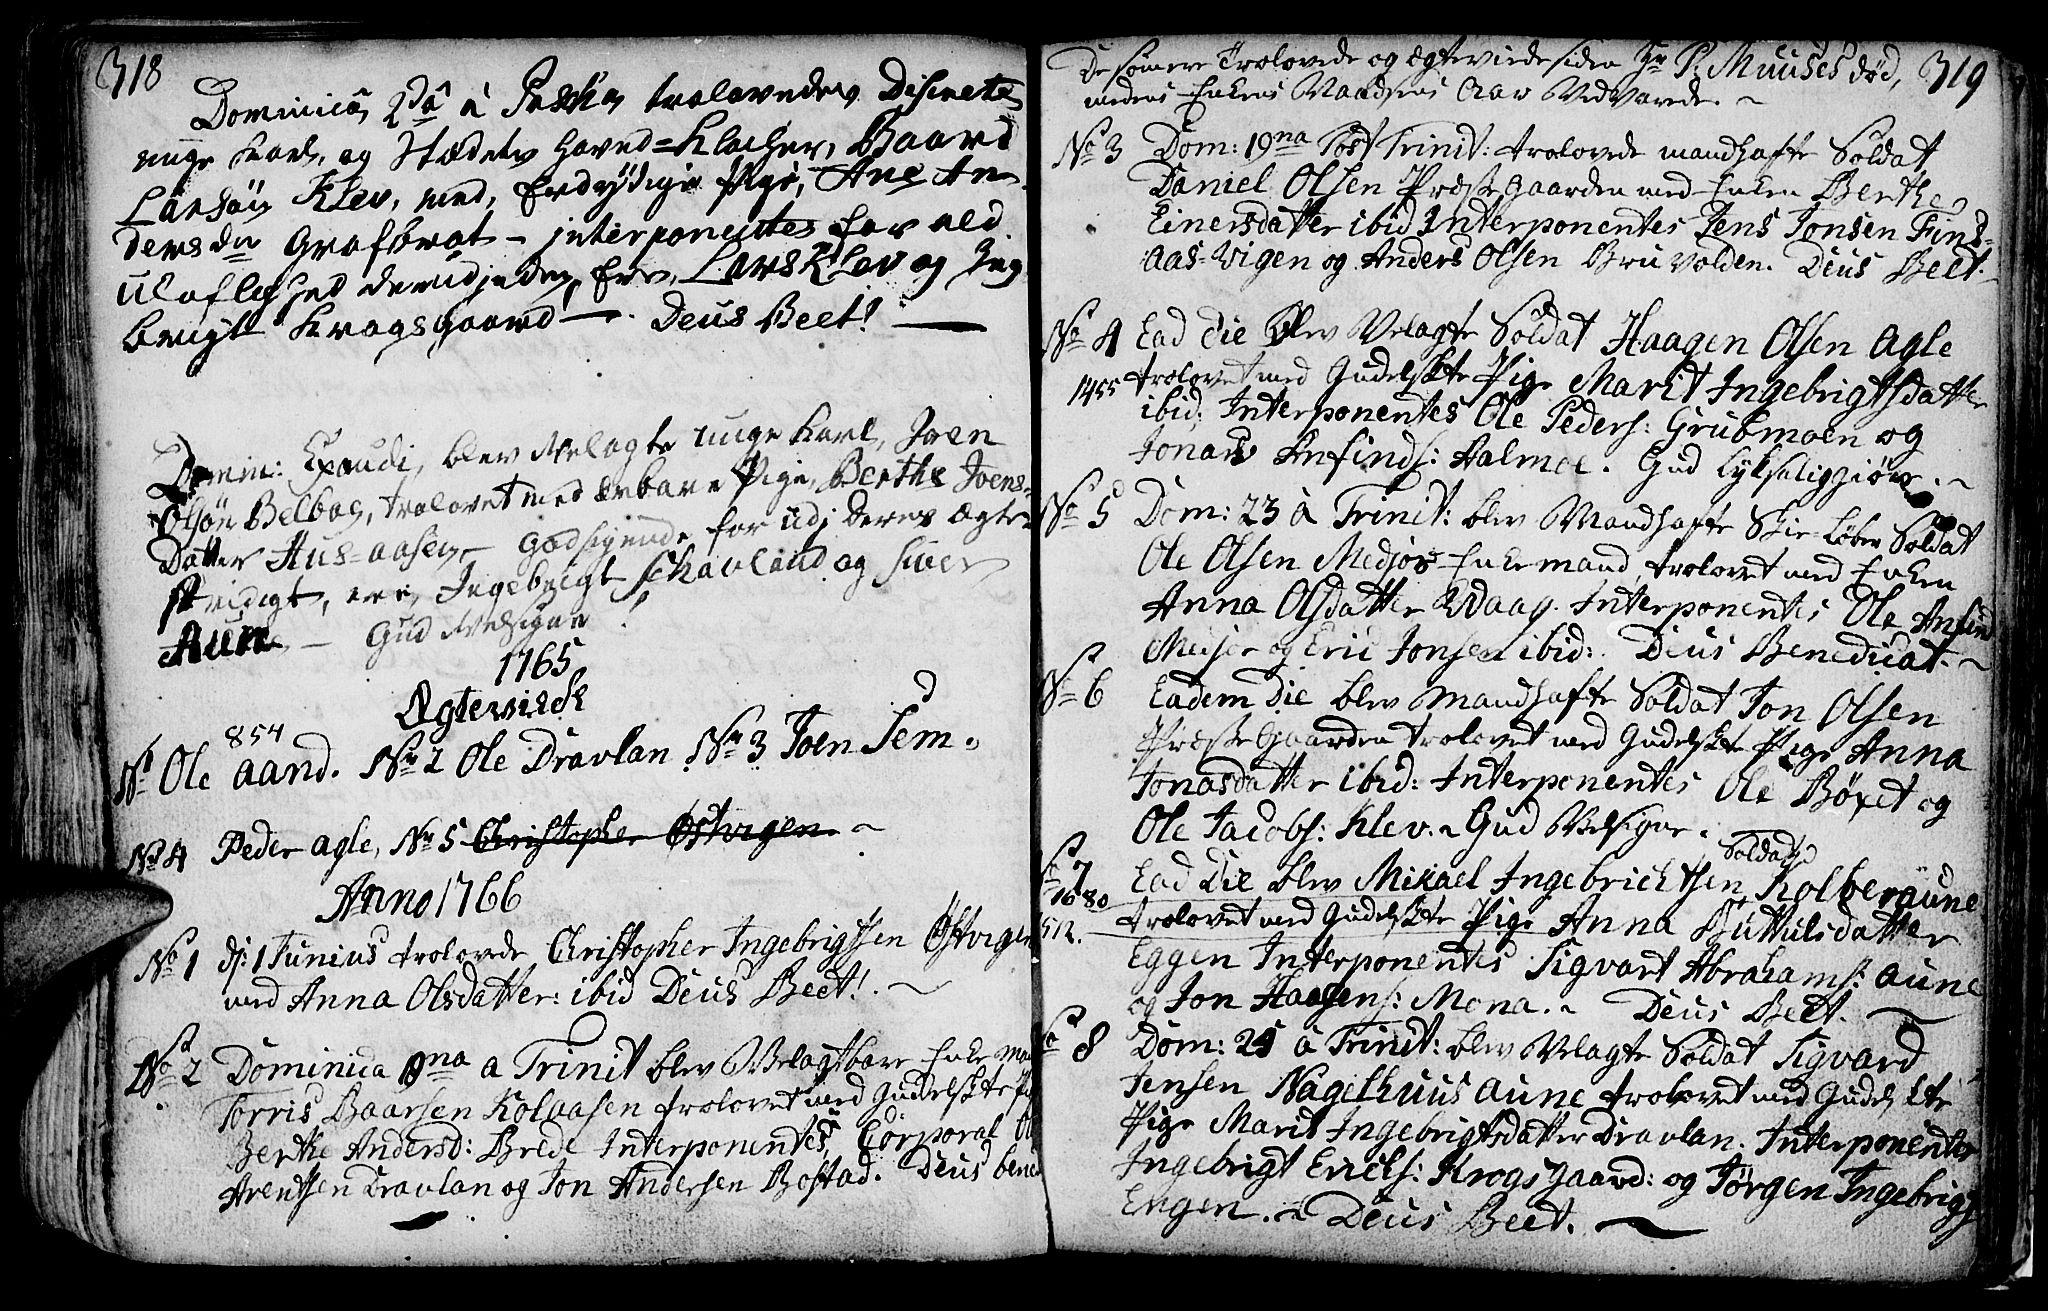 SAT, Ministerialprotokoller, klokkerbøker og fødselsregistre - Nord-Trøndelag, 749/L0467: Ministerialbok nr. 749A01, 1733-1787, s. 318-319